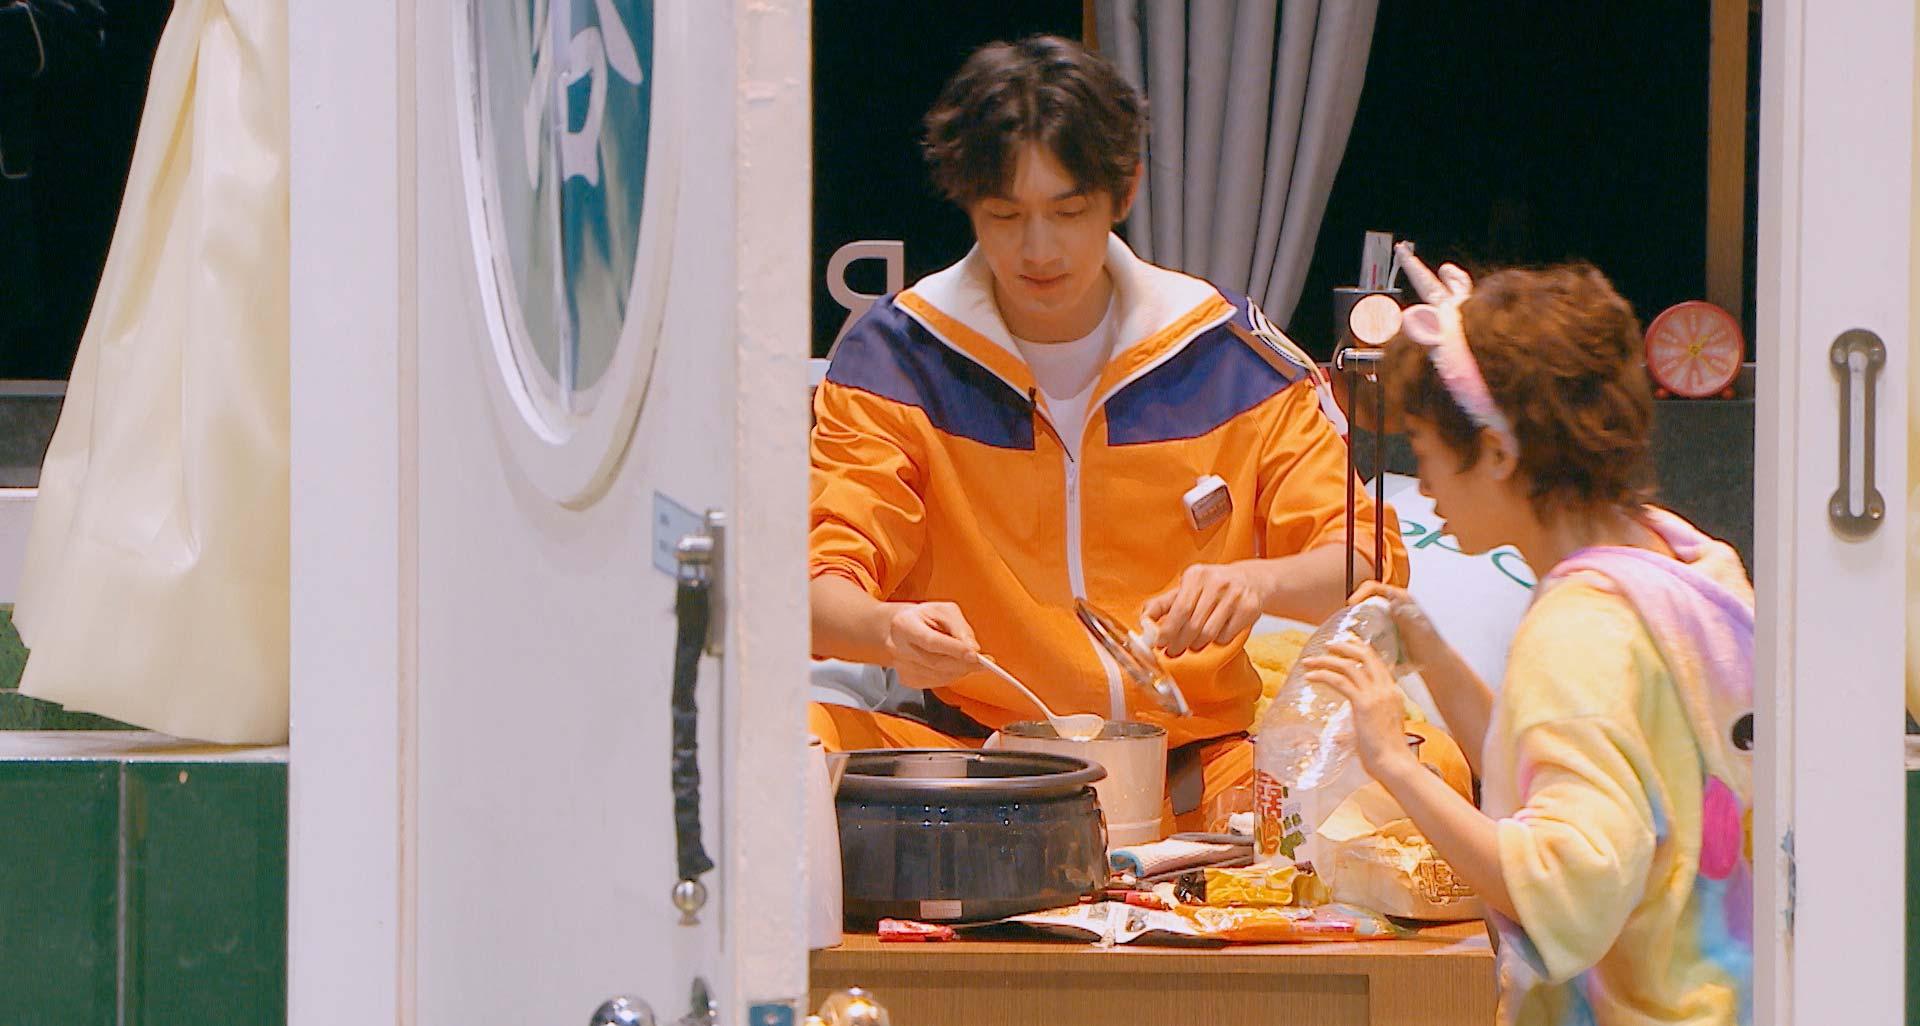 林更新亮相《明星大侦探4》众玩家现场欢乐吃火锅